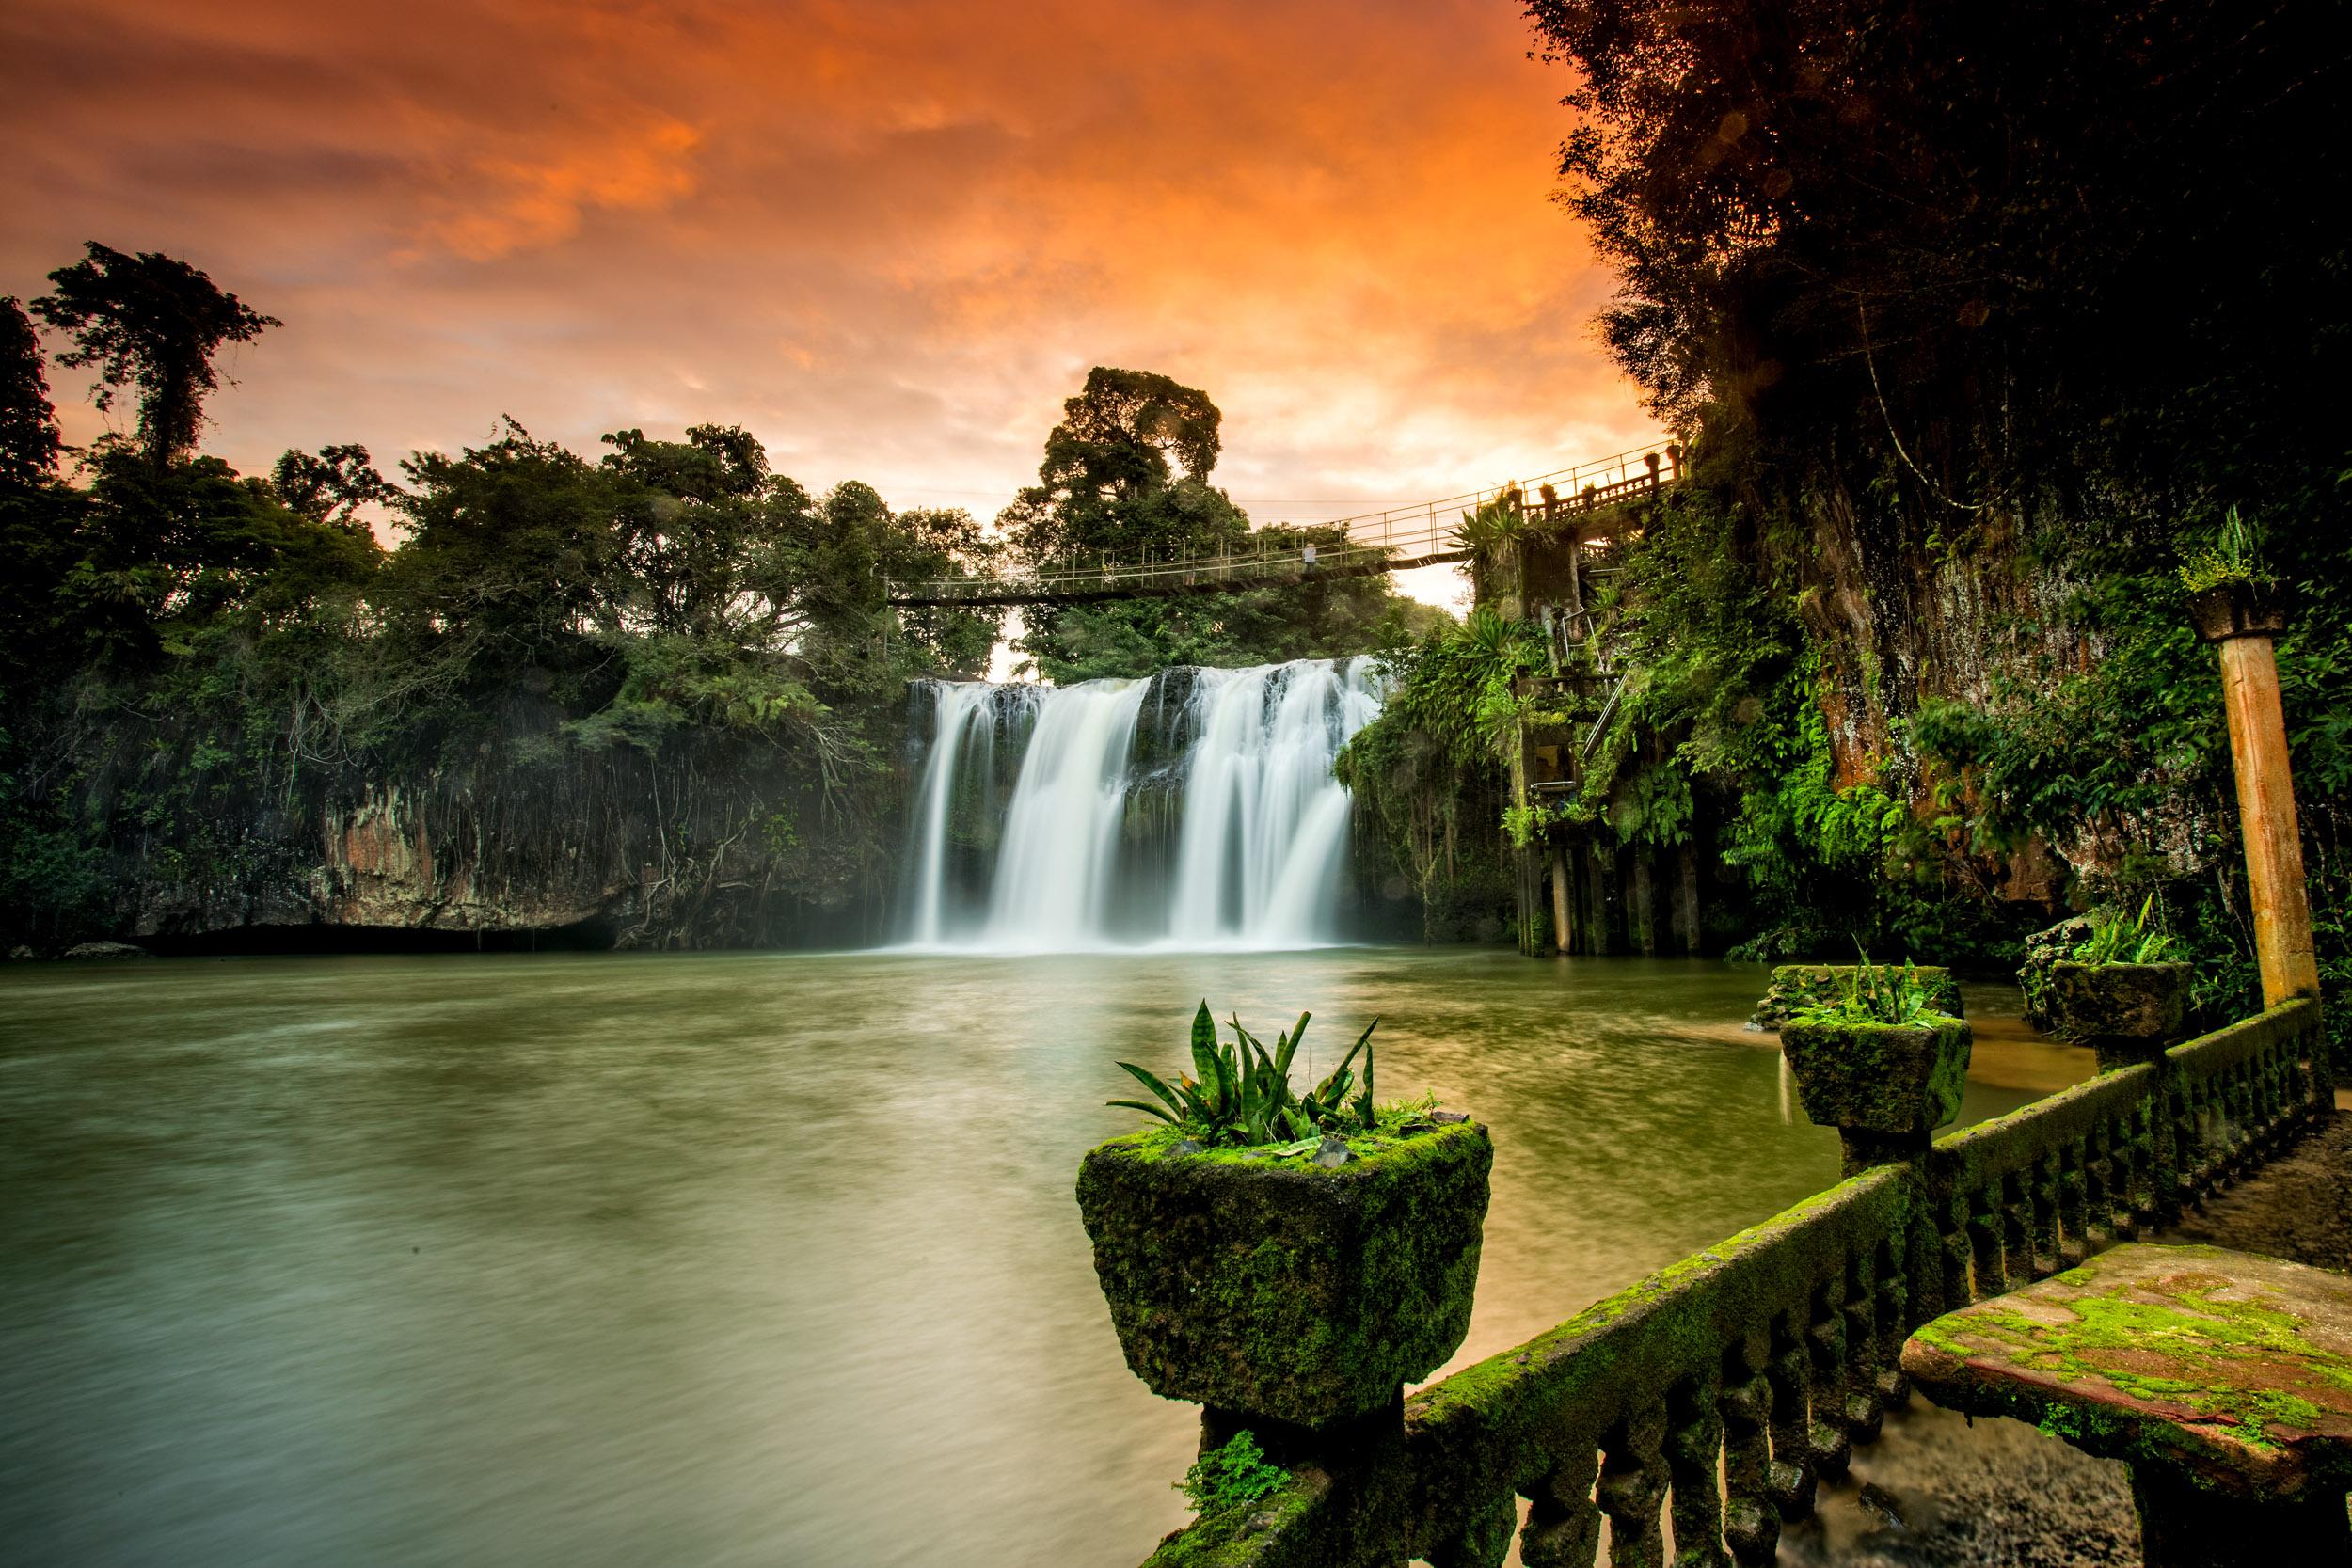 paronella-park-queensland-waterfall.jpg